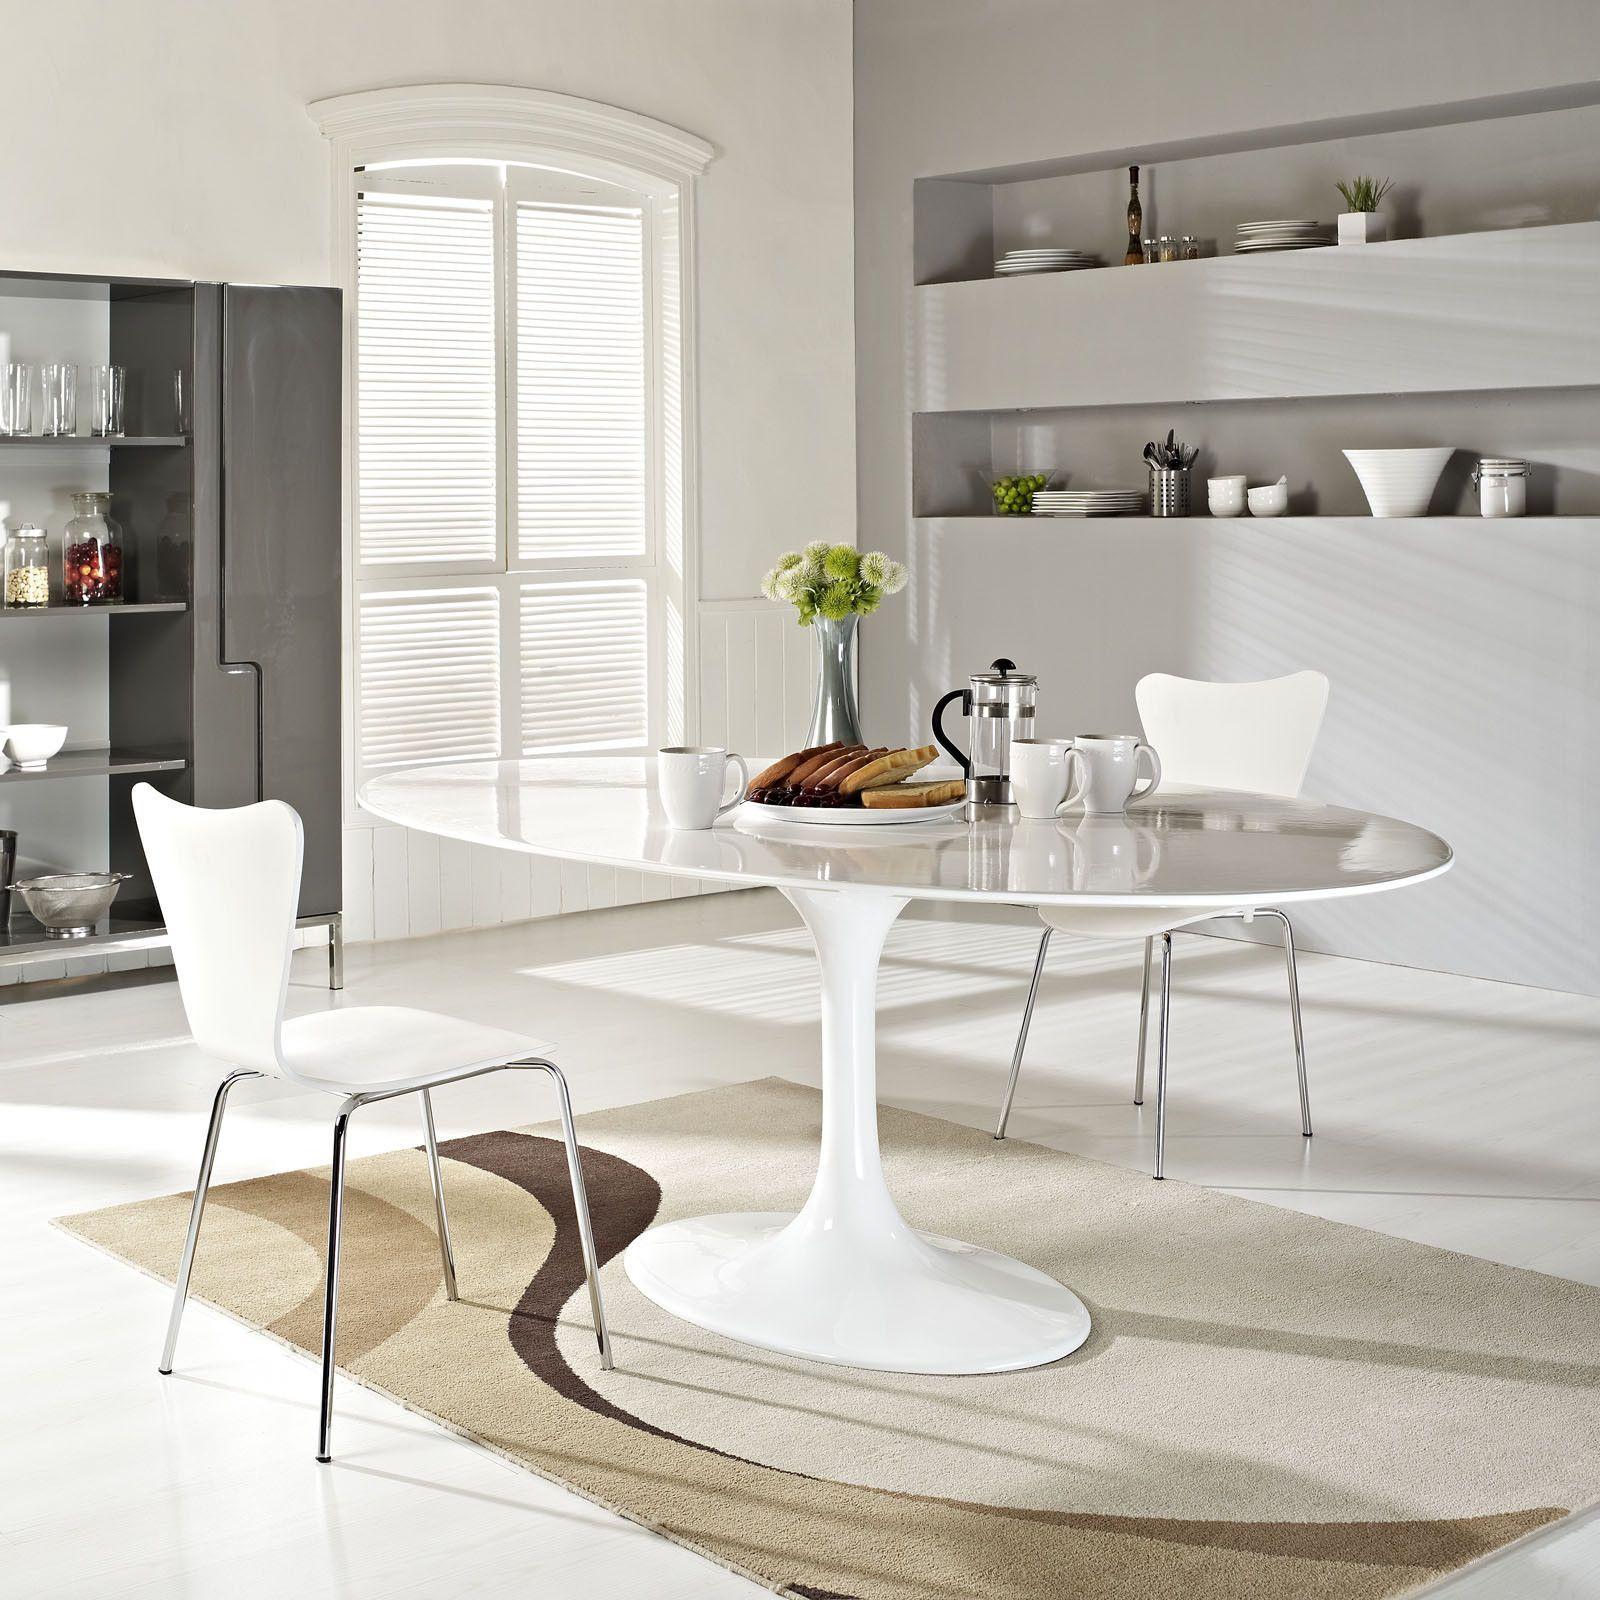 Lore 78 Fibergl Dining Table White